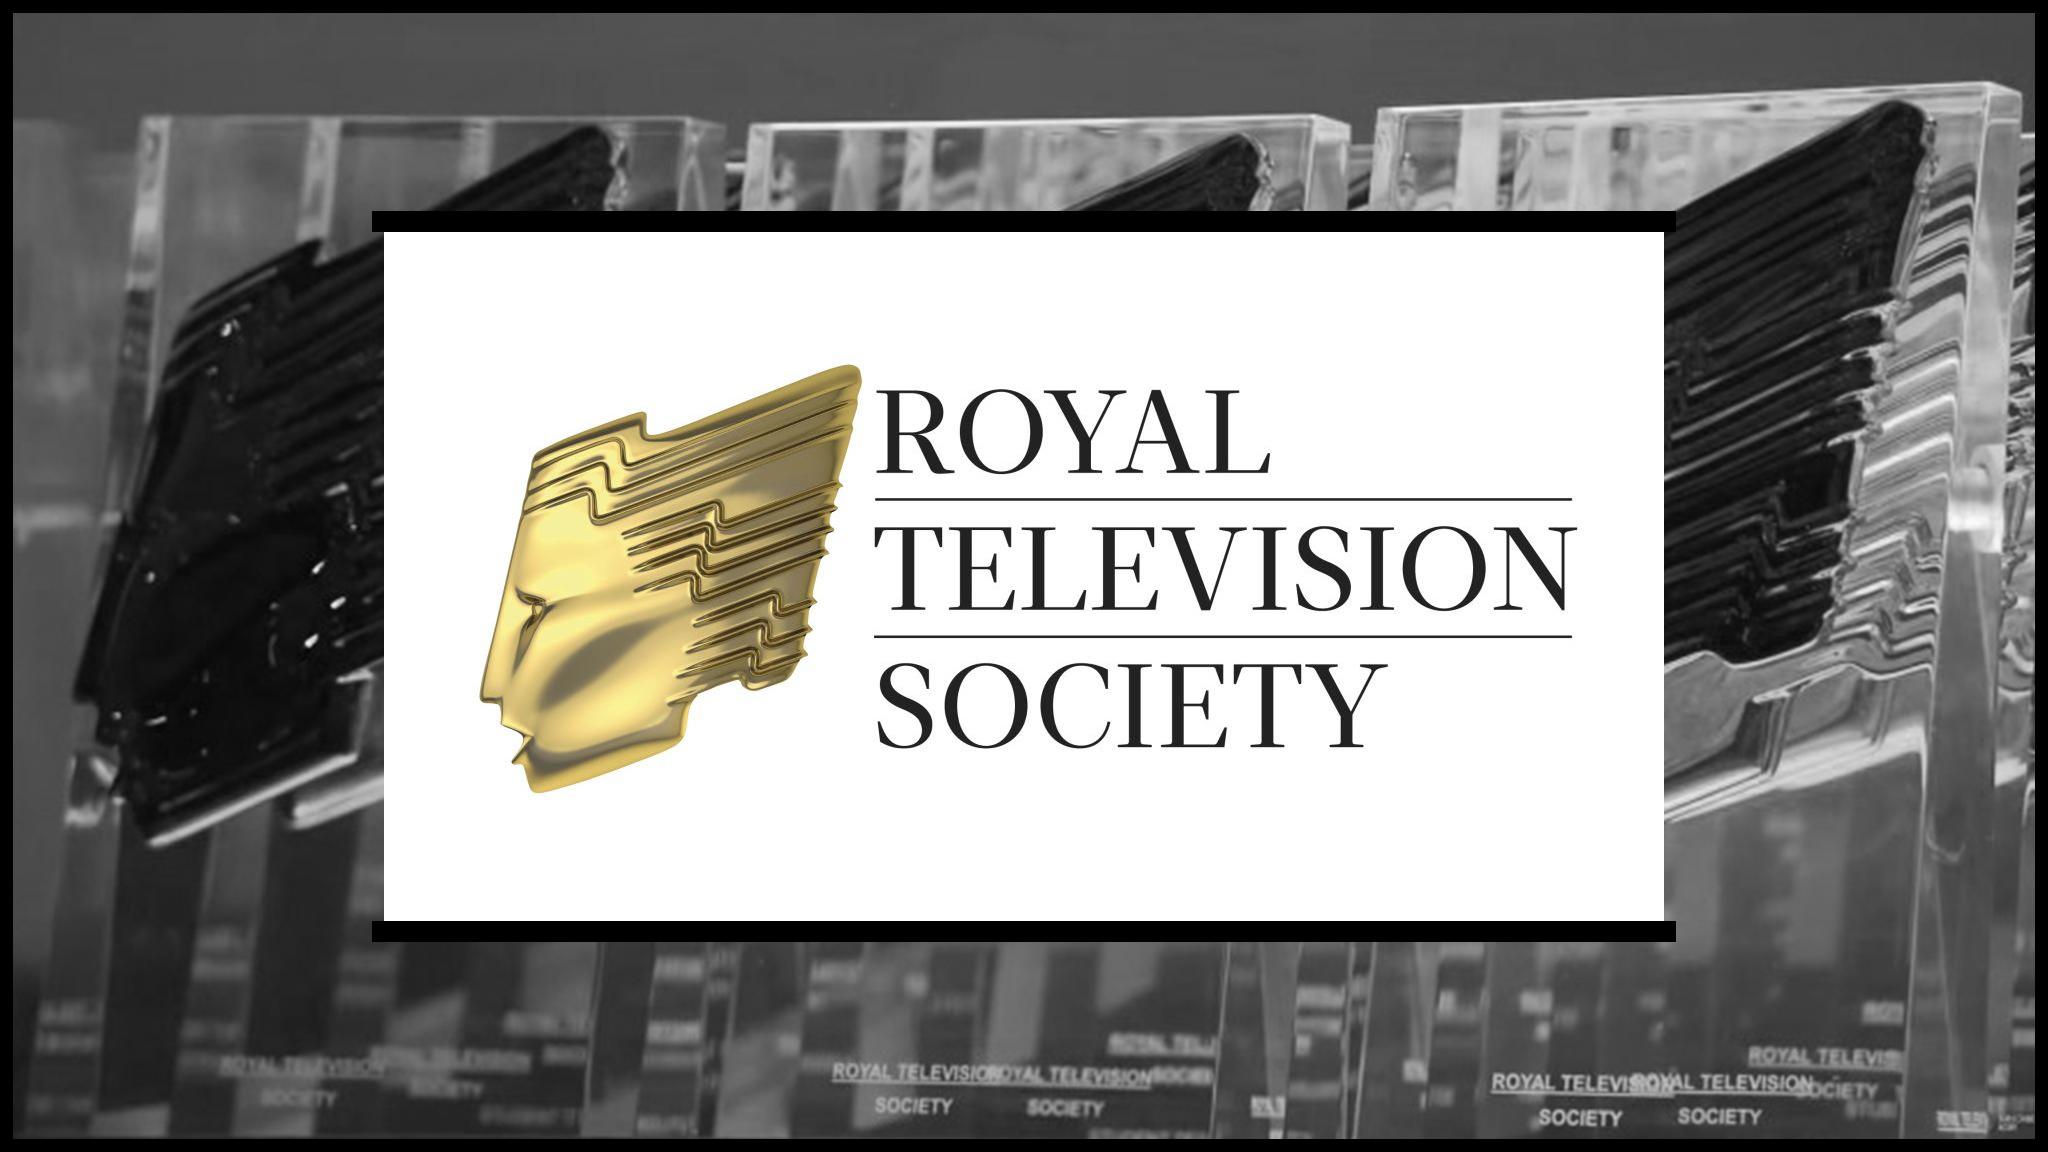 Royal Television Society Award for Drama Editing to CCE Member Pia Di Ciaula, CCE